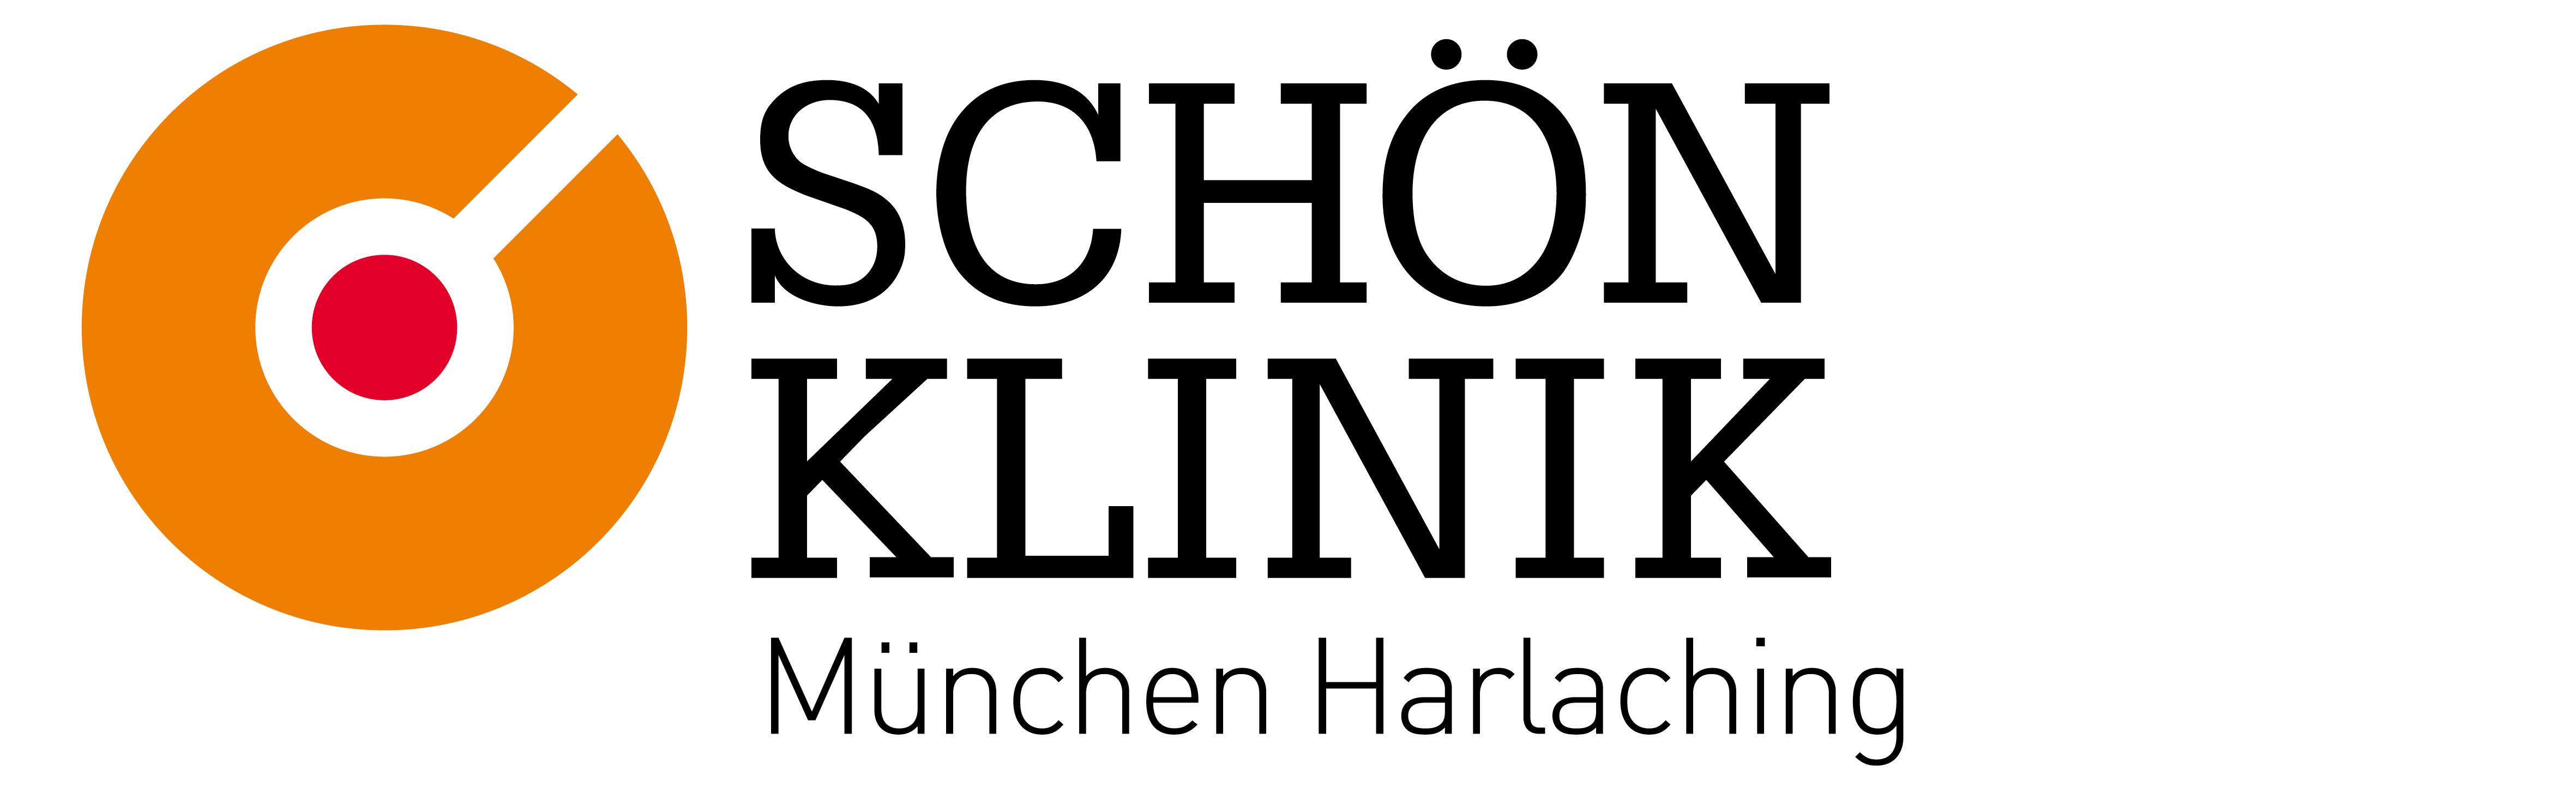 Schön Klinik München Harlaching